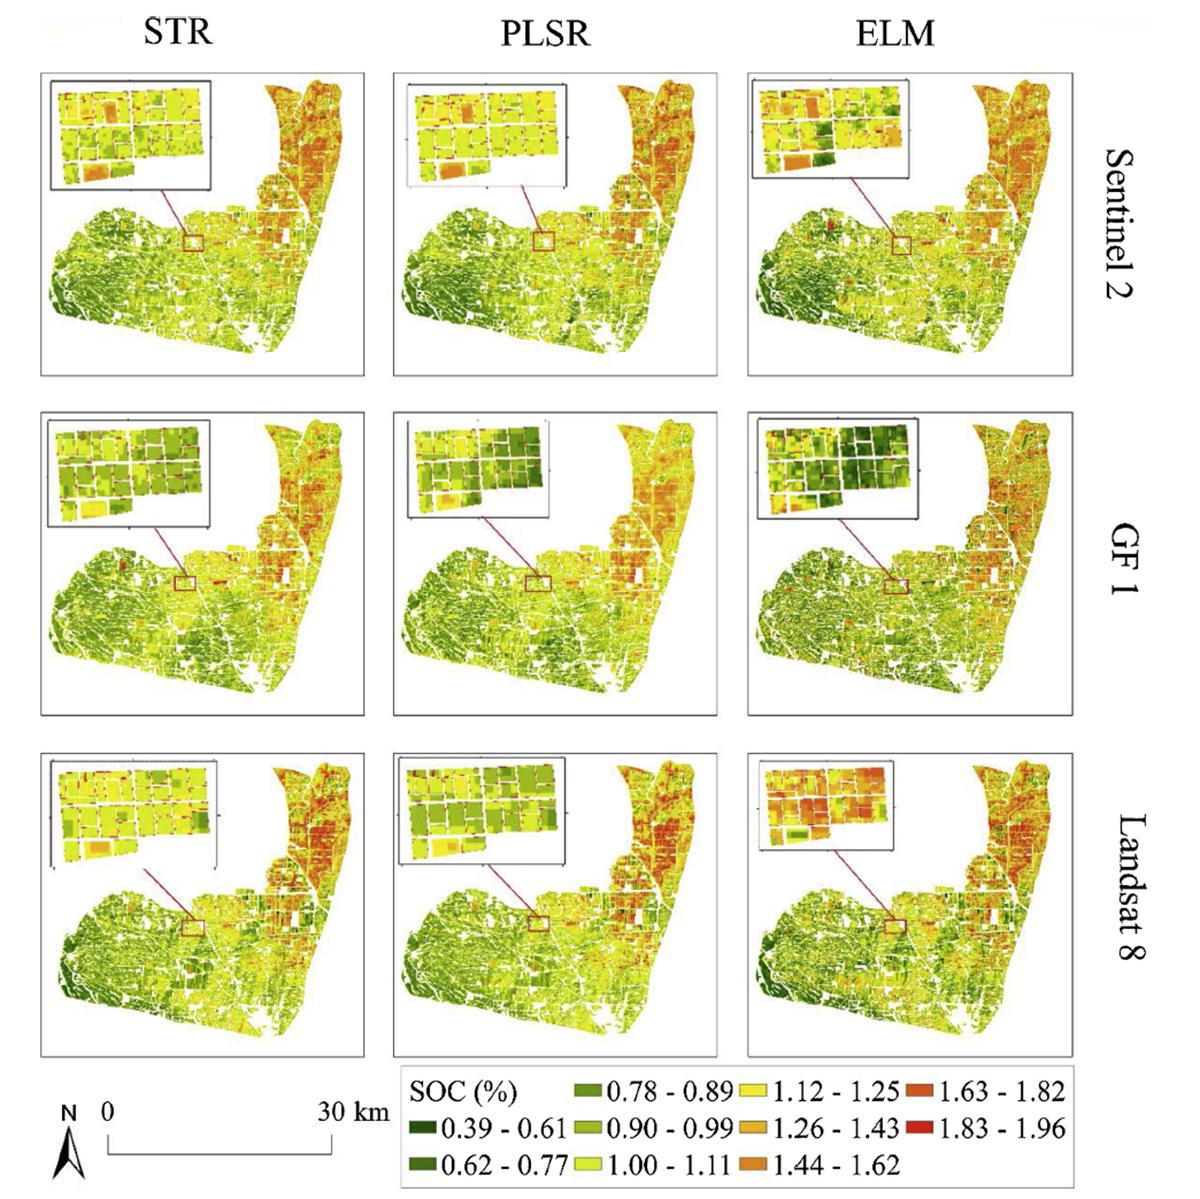 图1 基于时序遥感影像的不同农田尺度的土壤有机碳制图